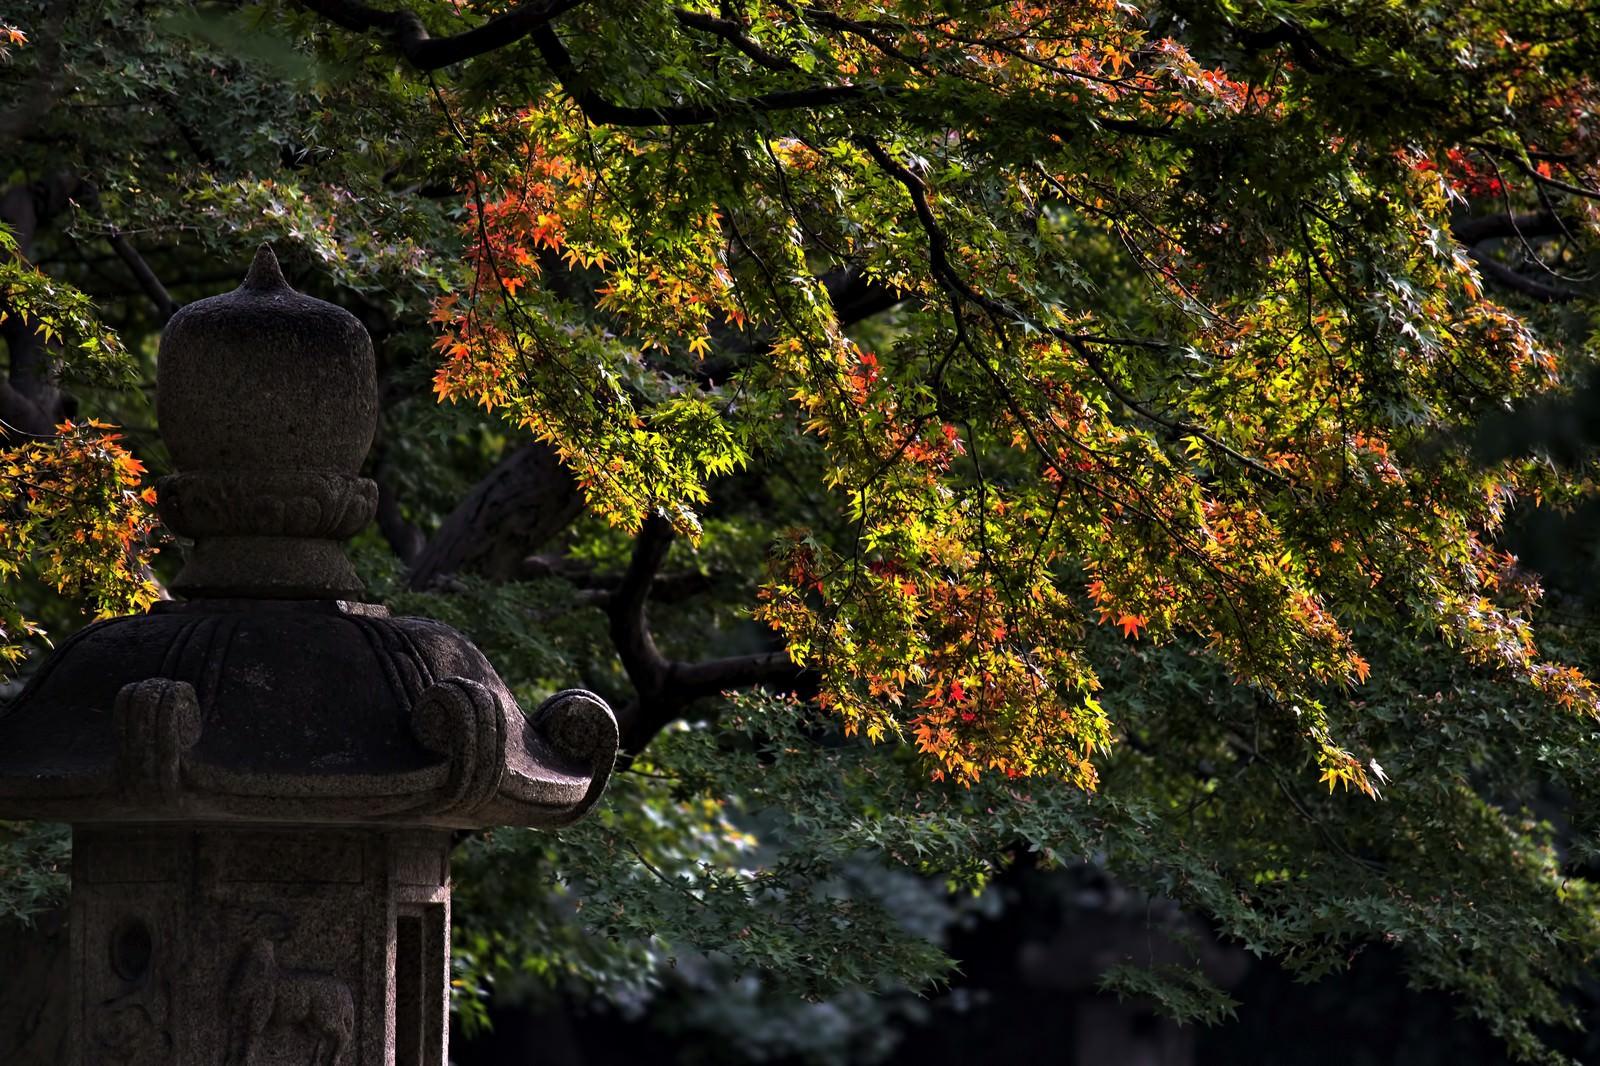 「灯篭と黄葉しはじめ」の写真